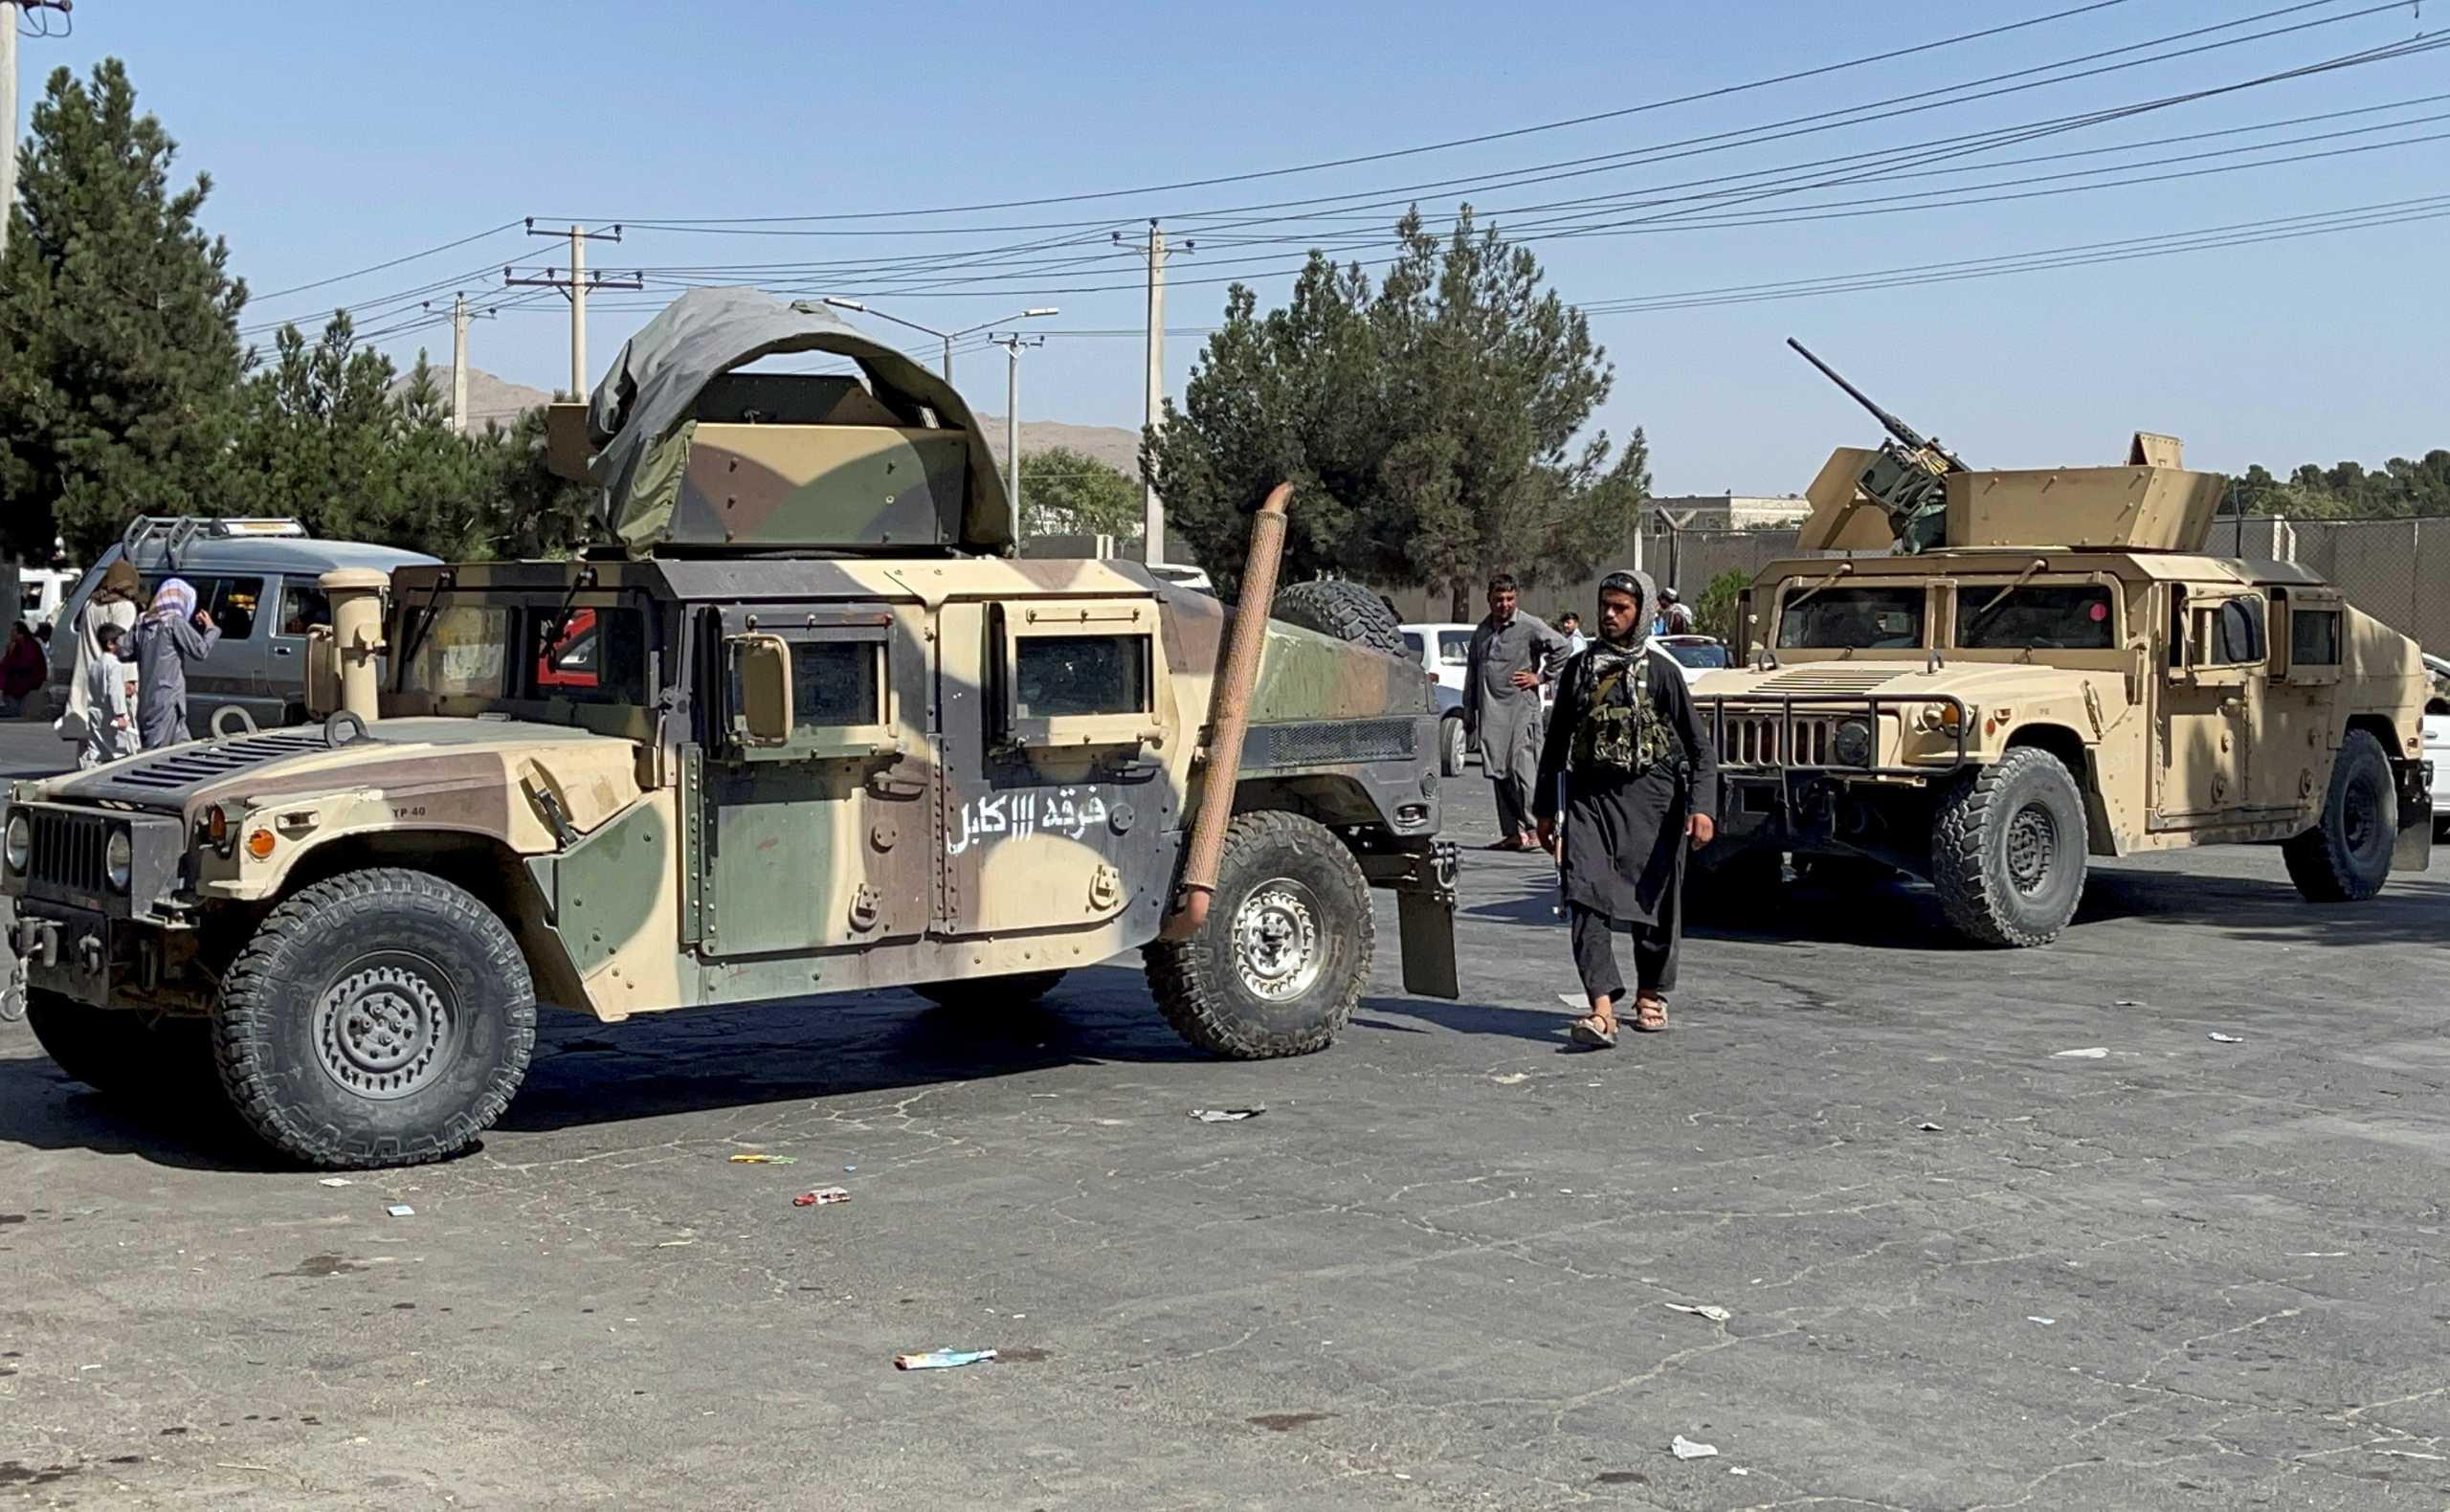 Ταλιμπάν: Διορία μιας εβδομάδας στους Αφγανούς για να παραδώσουν όπλα και πυρομαχικά